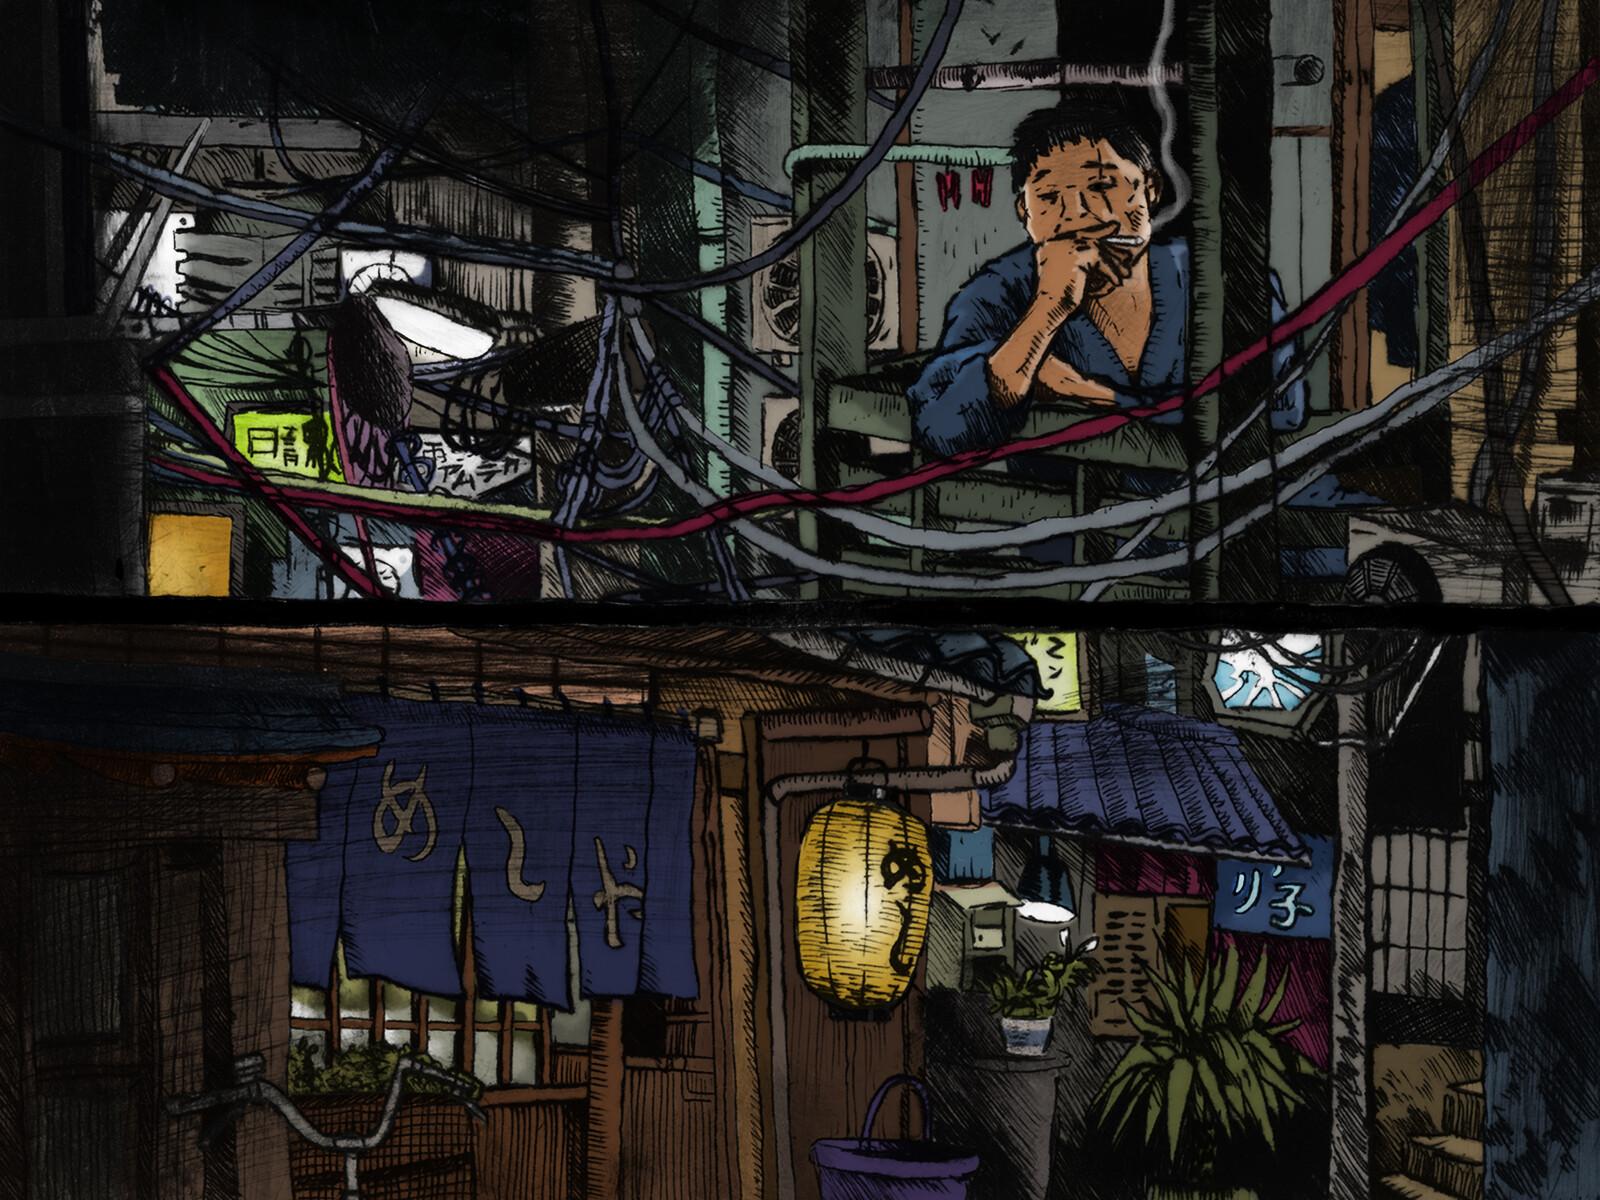 Midnight diner tokyo stories - Fan Art